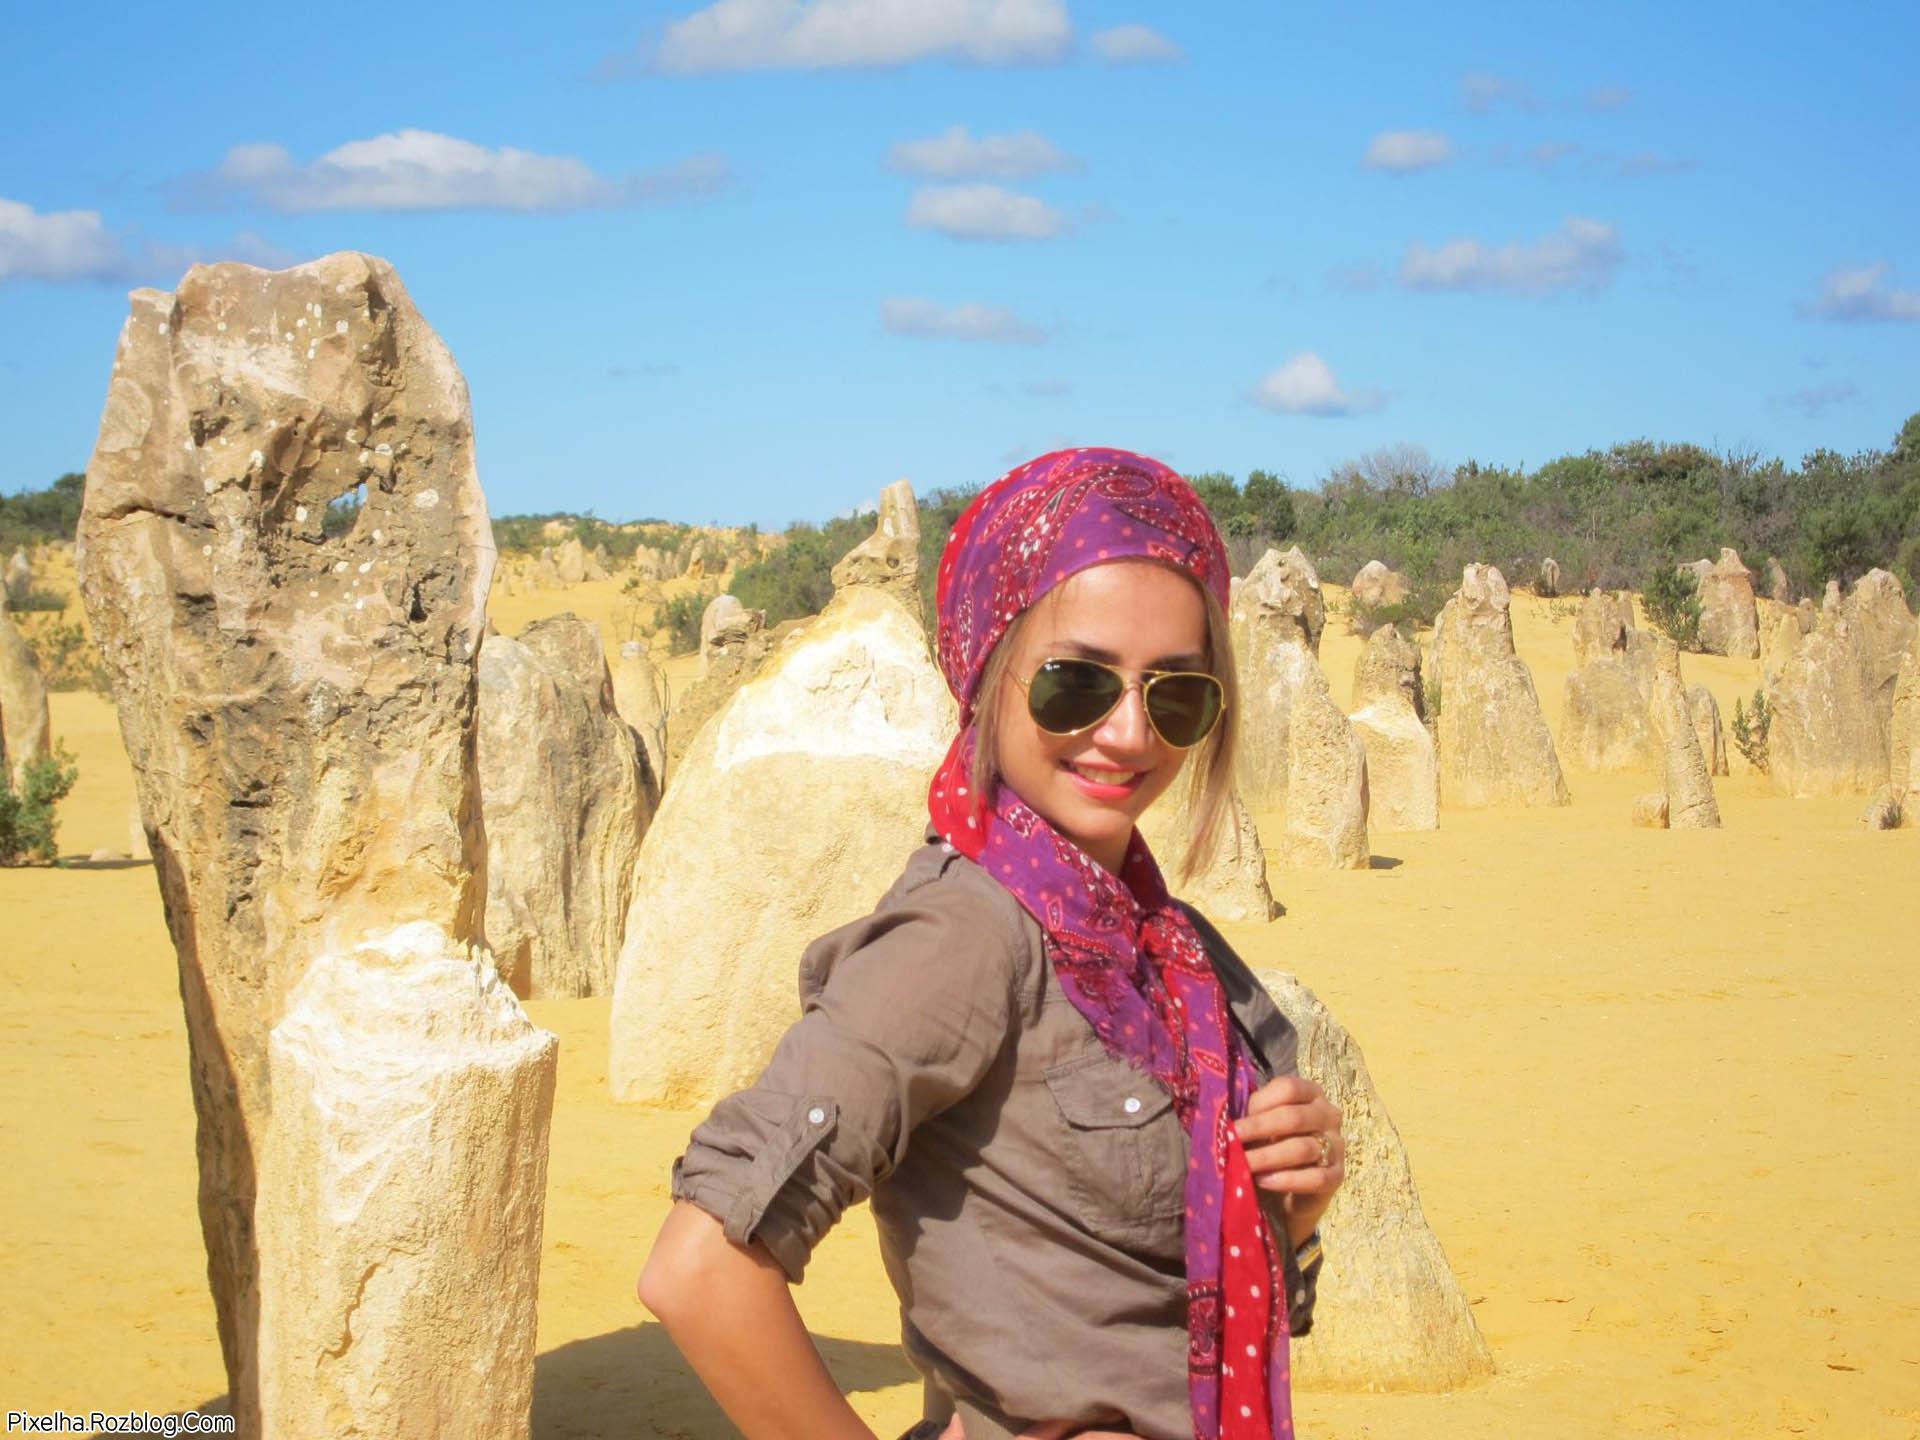 عکس جدید شبنم قلی خانی در استرالیا بهمراه بیوگرافی